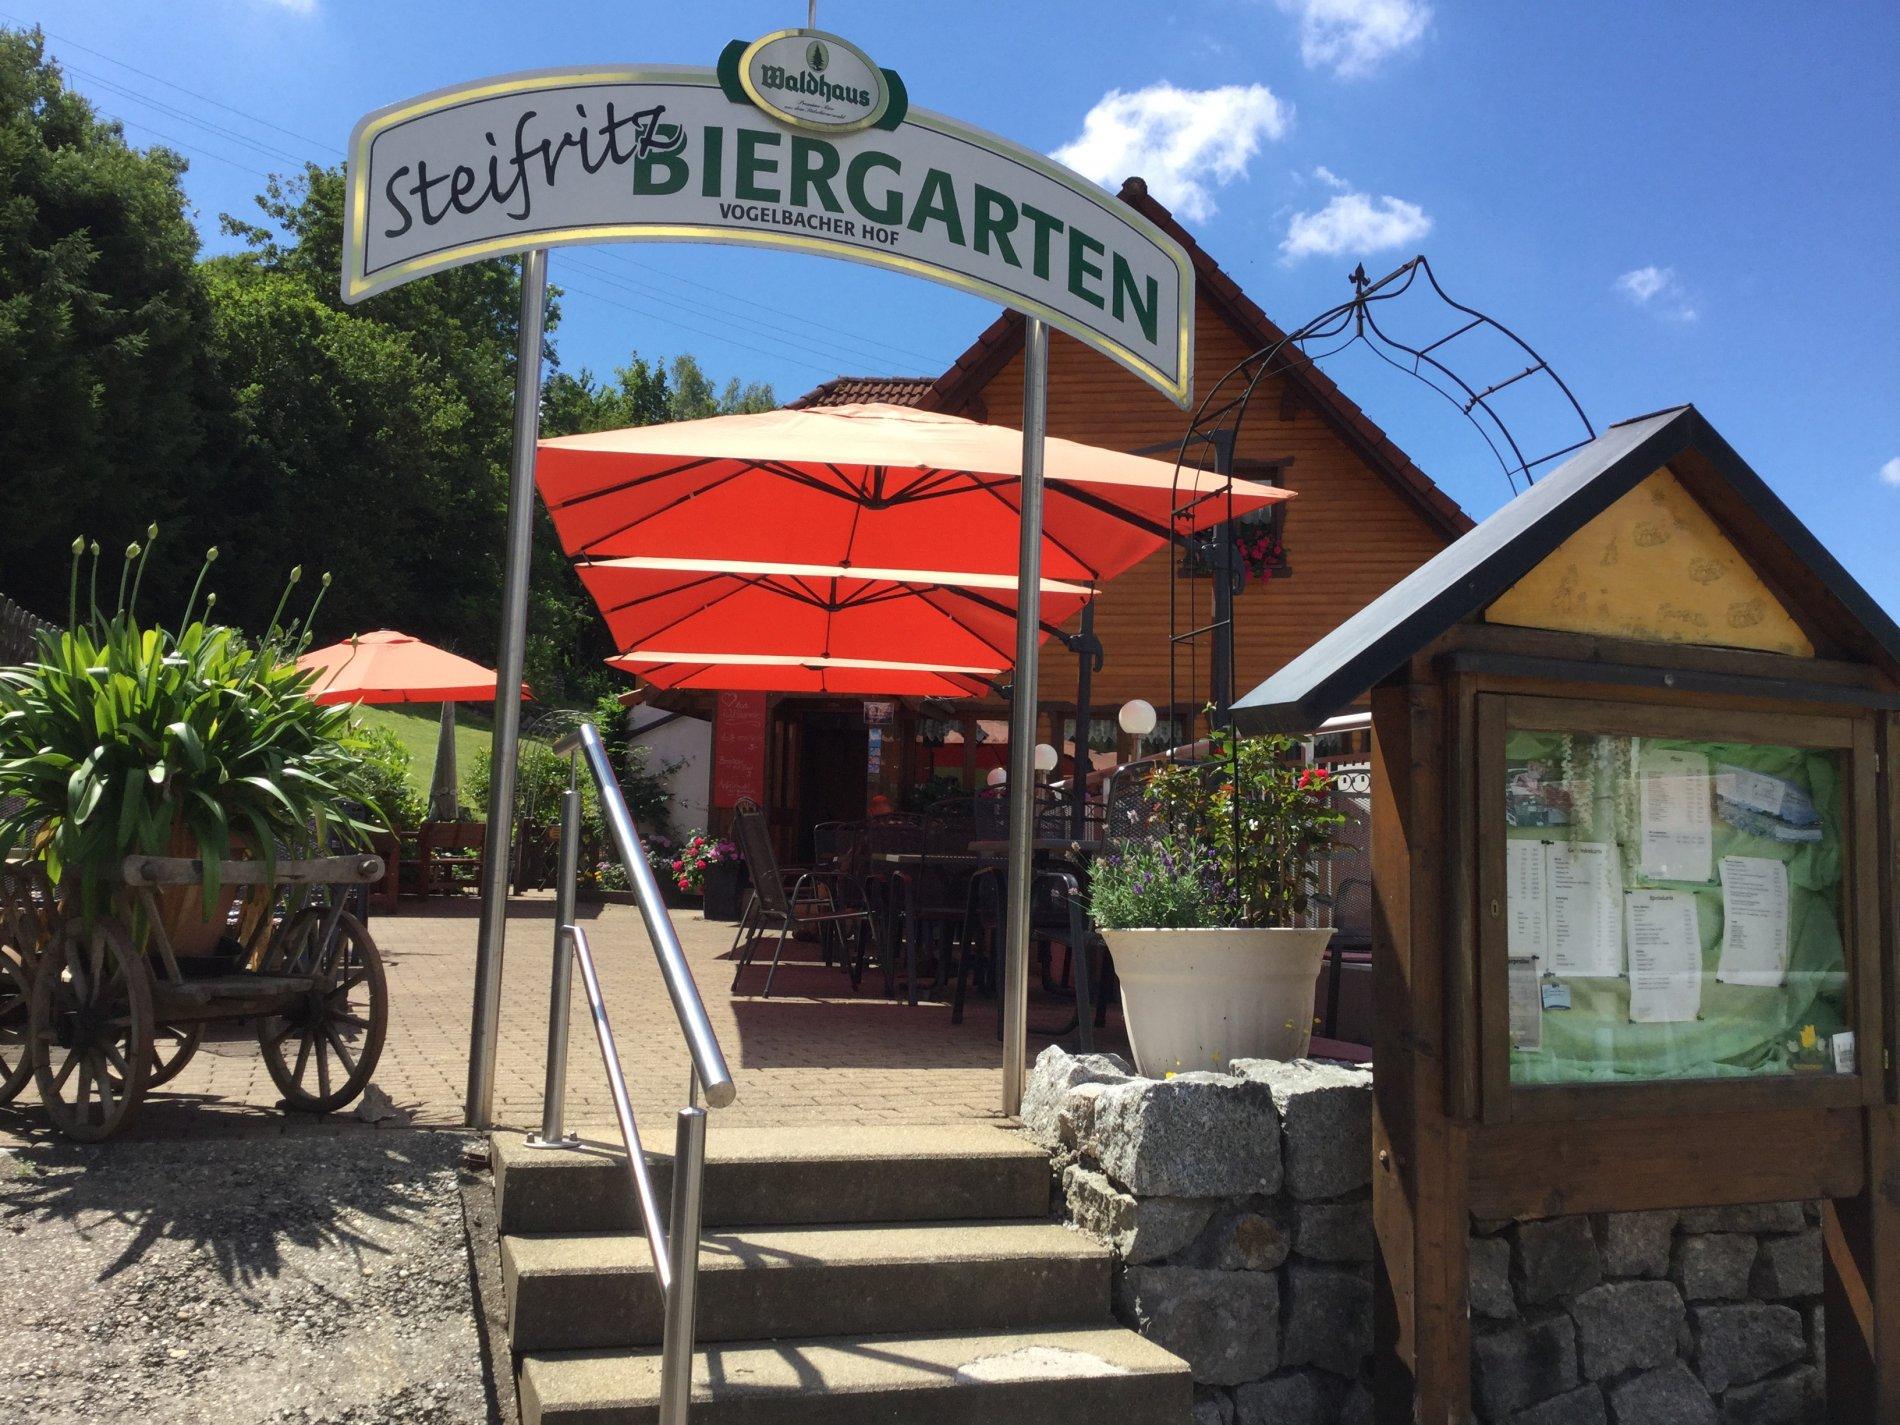 einladender Treppenaufgang zum Biergarten mit Waldhaus Schild